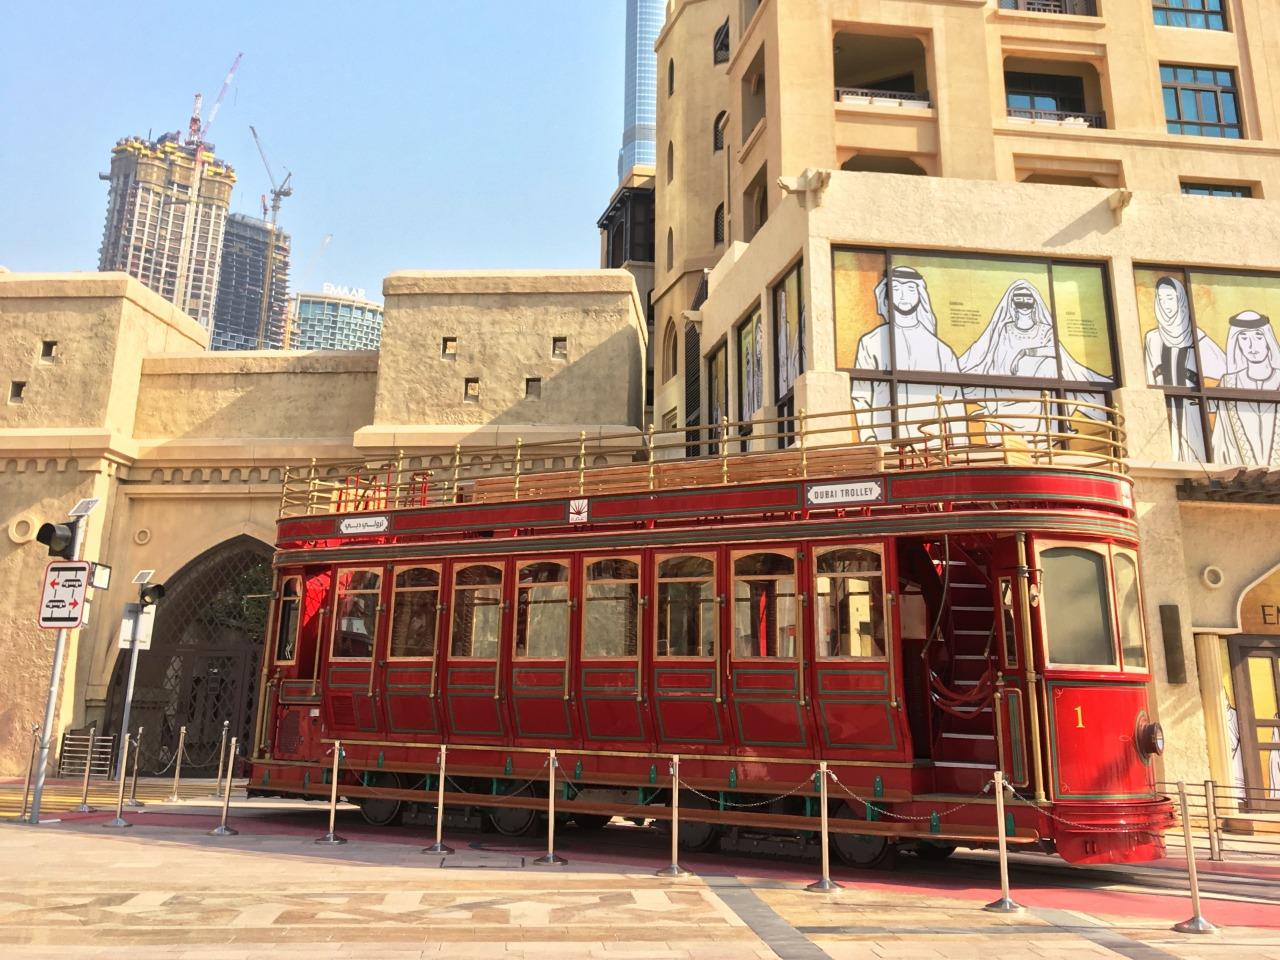 Весь Дубай в одной экскурсии - индивидуальная экскурсия в Дубае от опытного гида